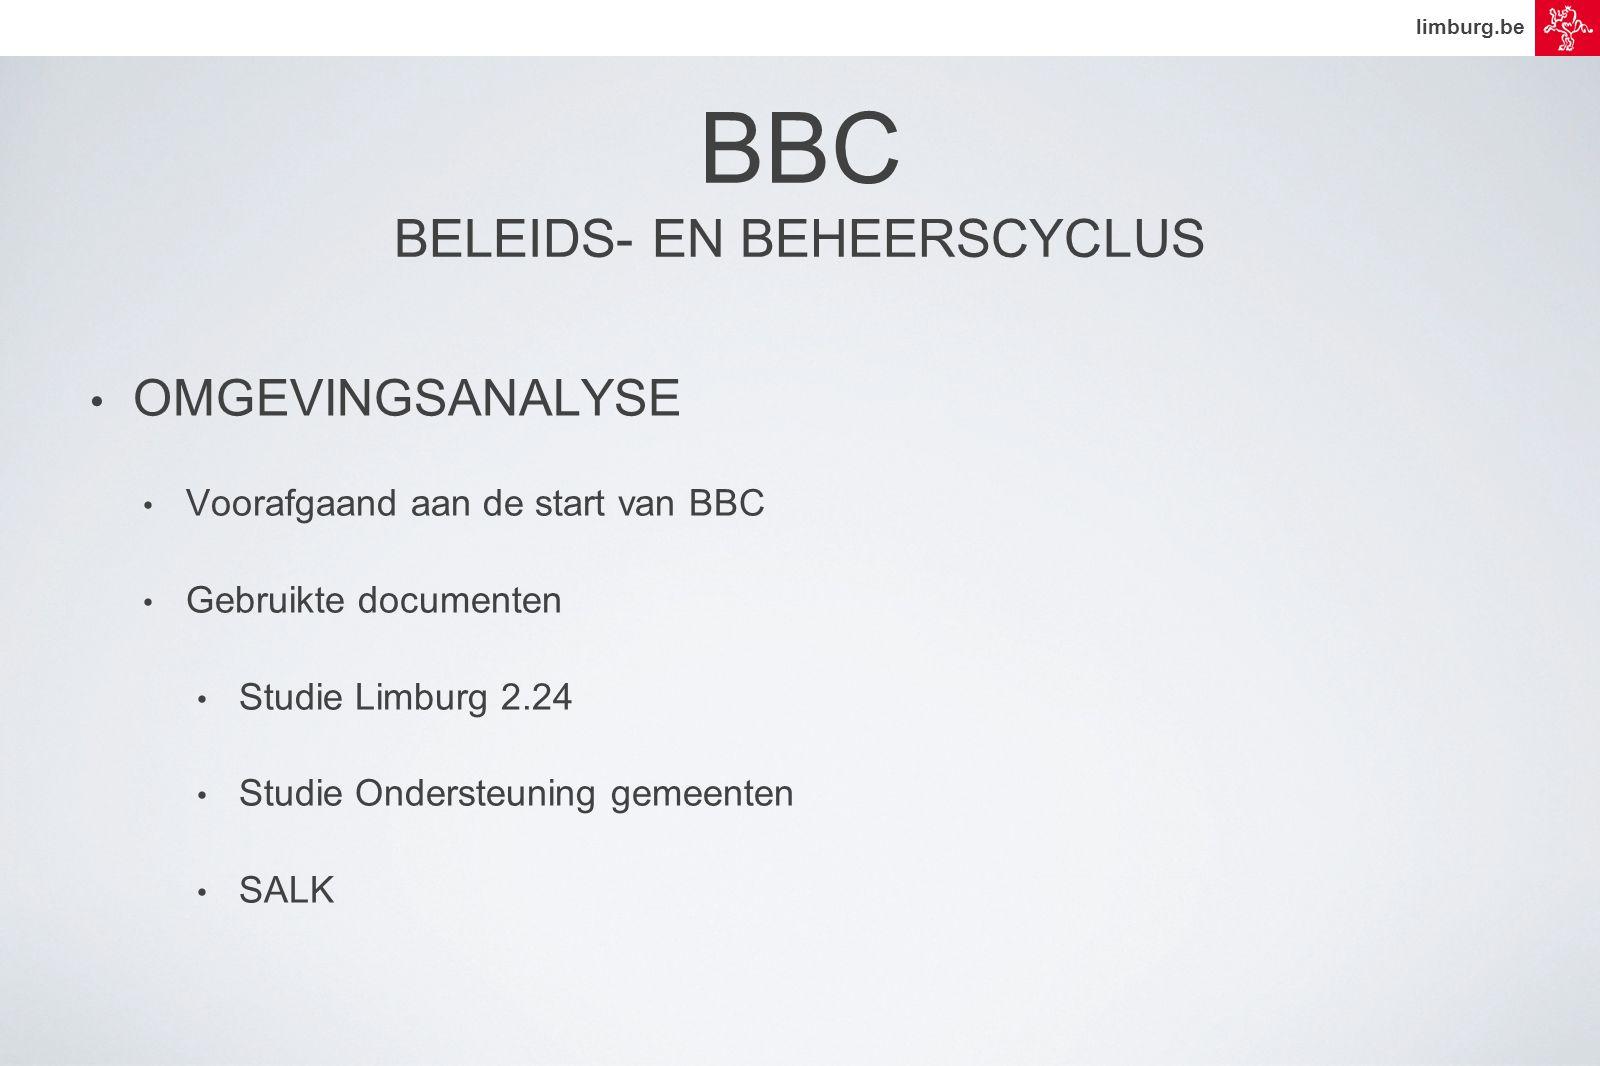 limburg.be BBC BELEIDS- EN BEHEERSCYCLUS • OMGEVINGSANALYSE • Voorafgaand aan de start van BBC • Gebruikte documenten • Studie Limburg 2.24 • Studie Ondersteuning gemeenten • SALK